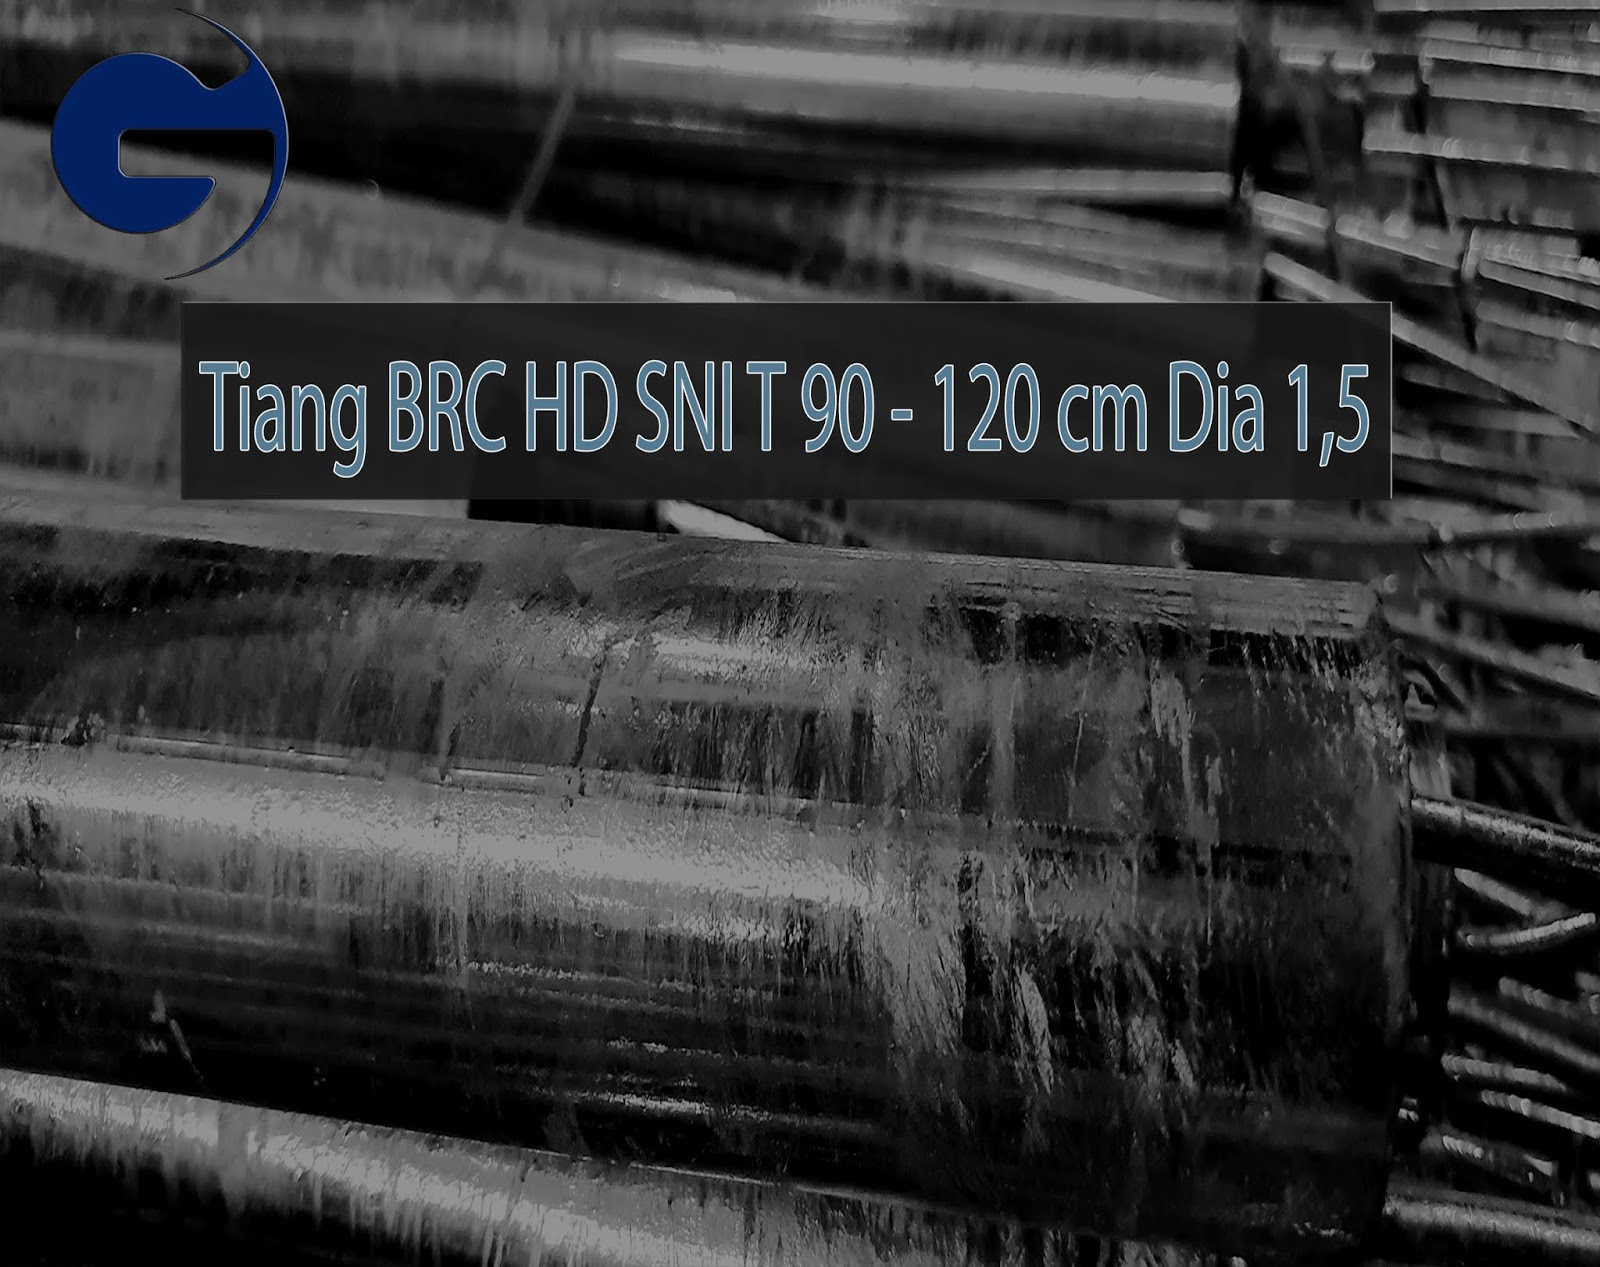 Jual Tiang BRC HDG SNI T 120 CM Dia 1.5 Inch